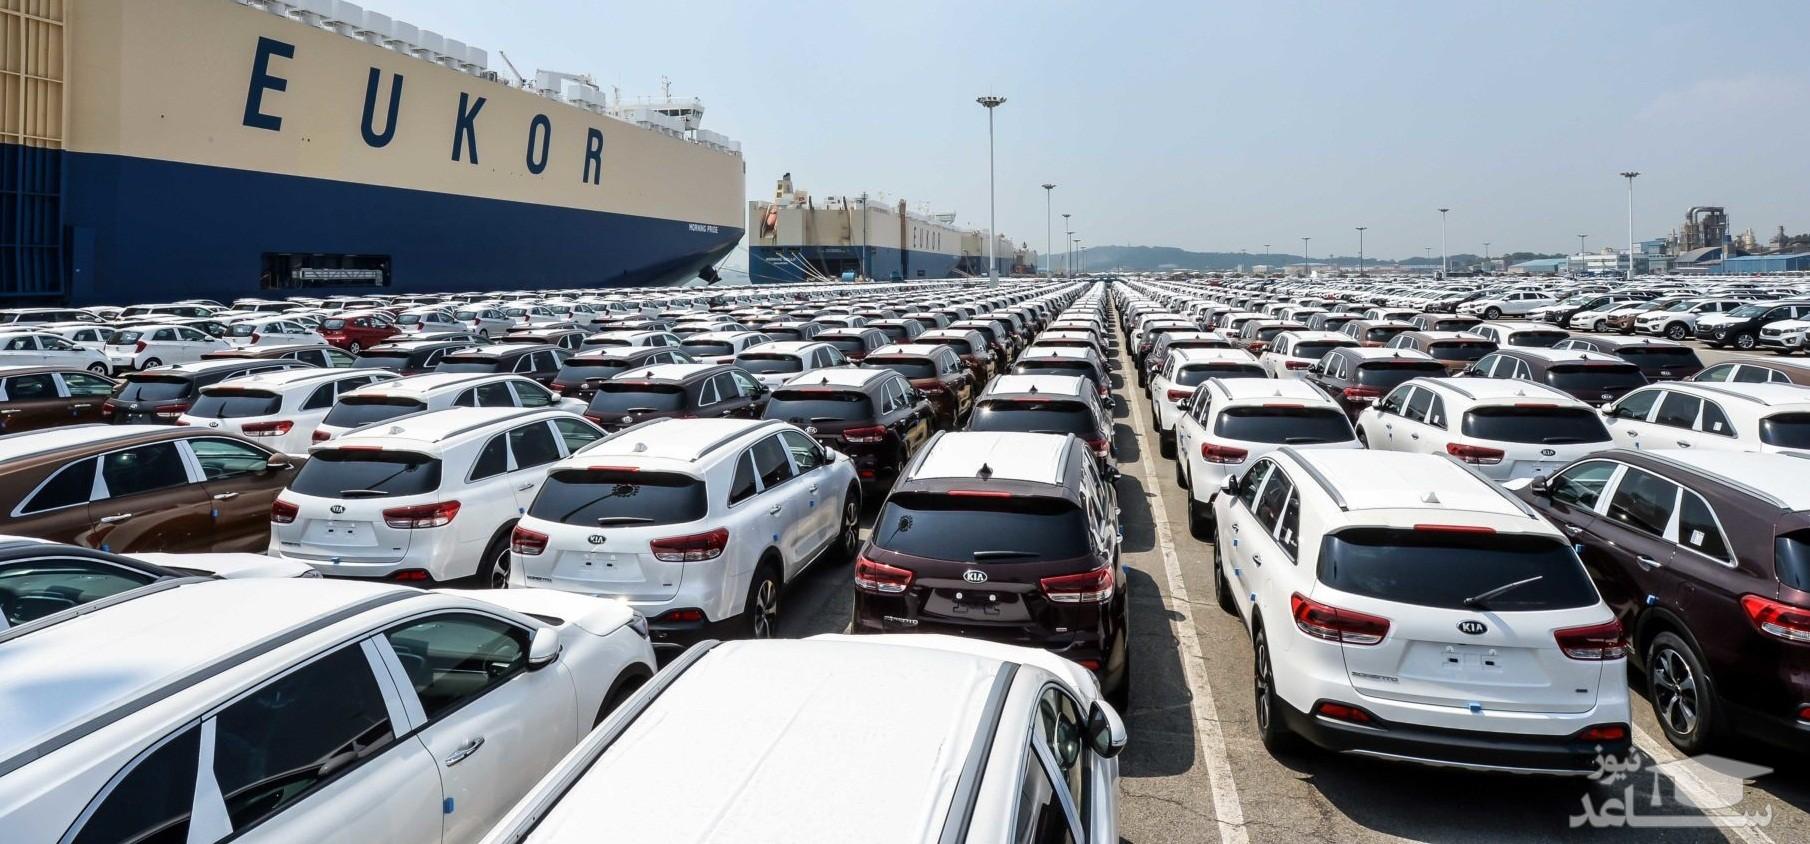 واردات هرگونه خودرو ممنوع شد